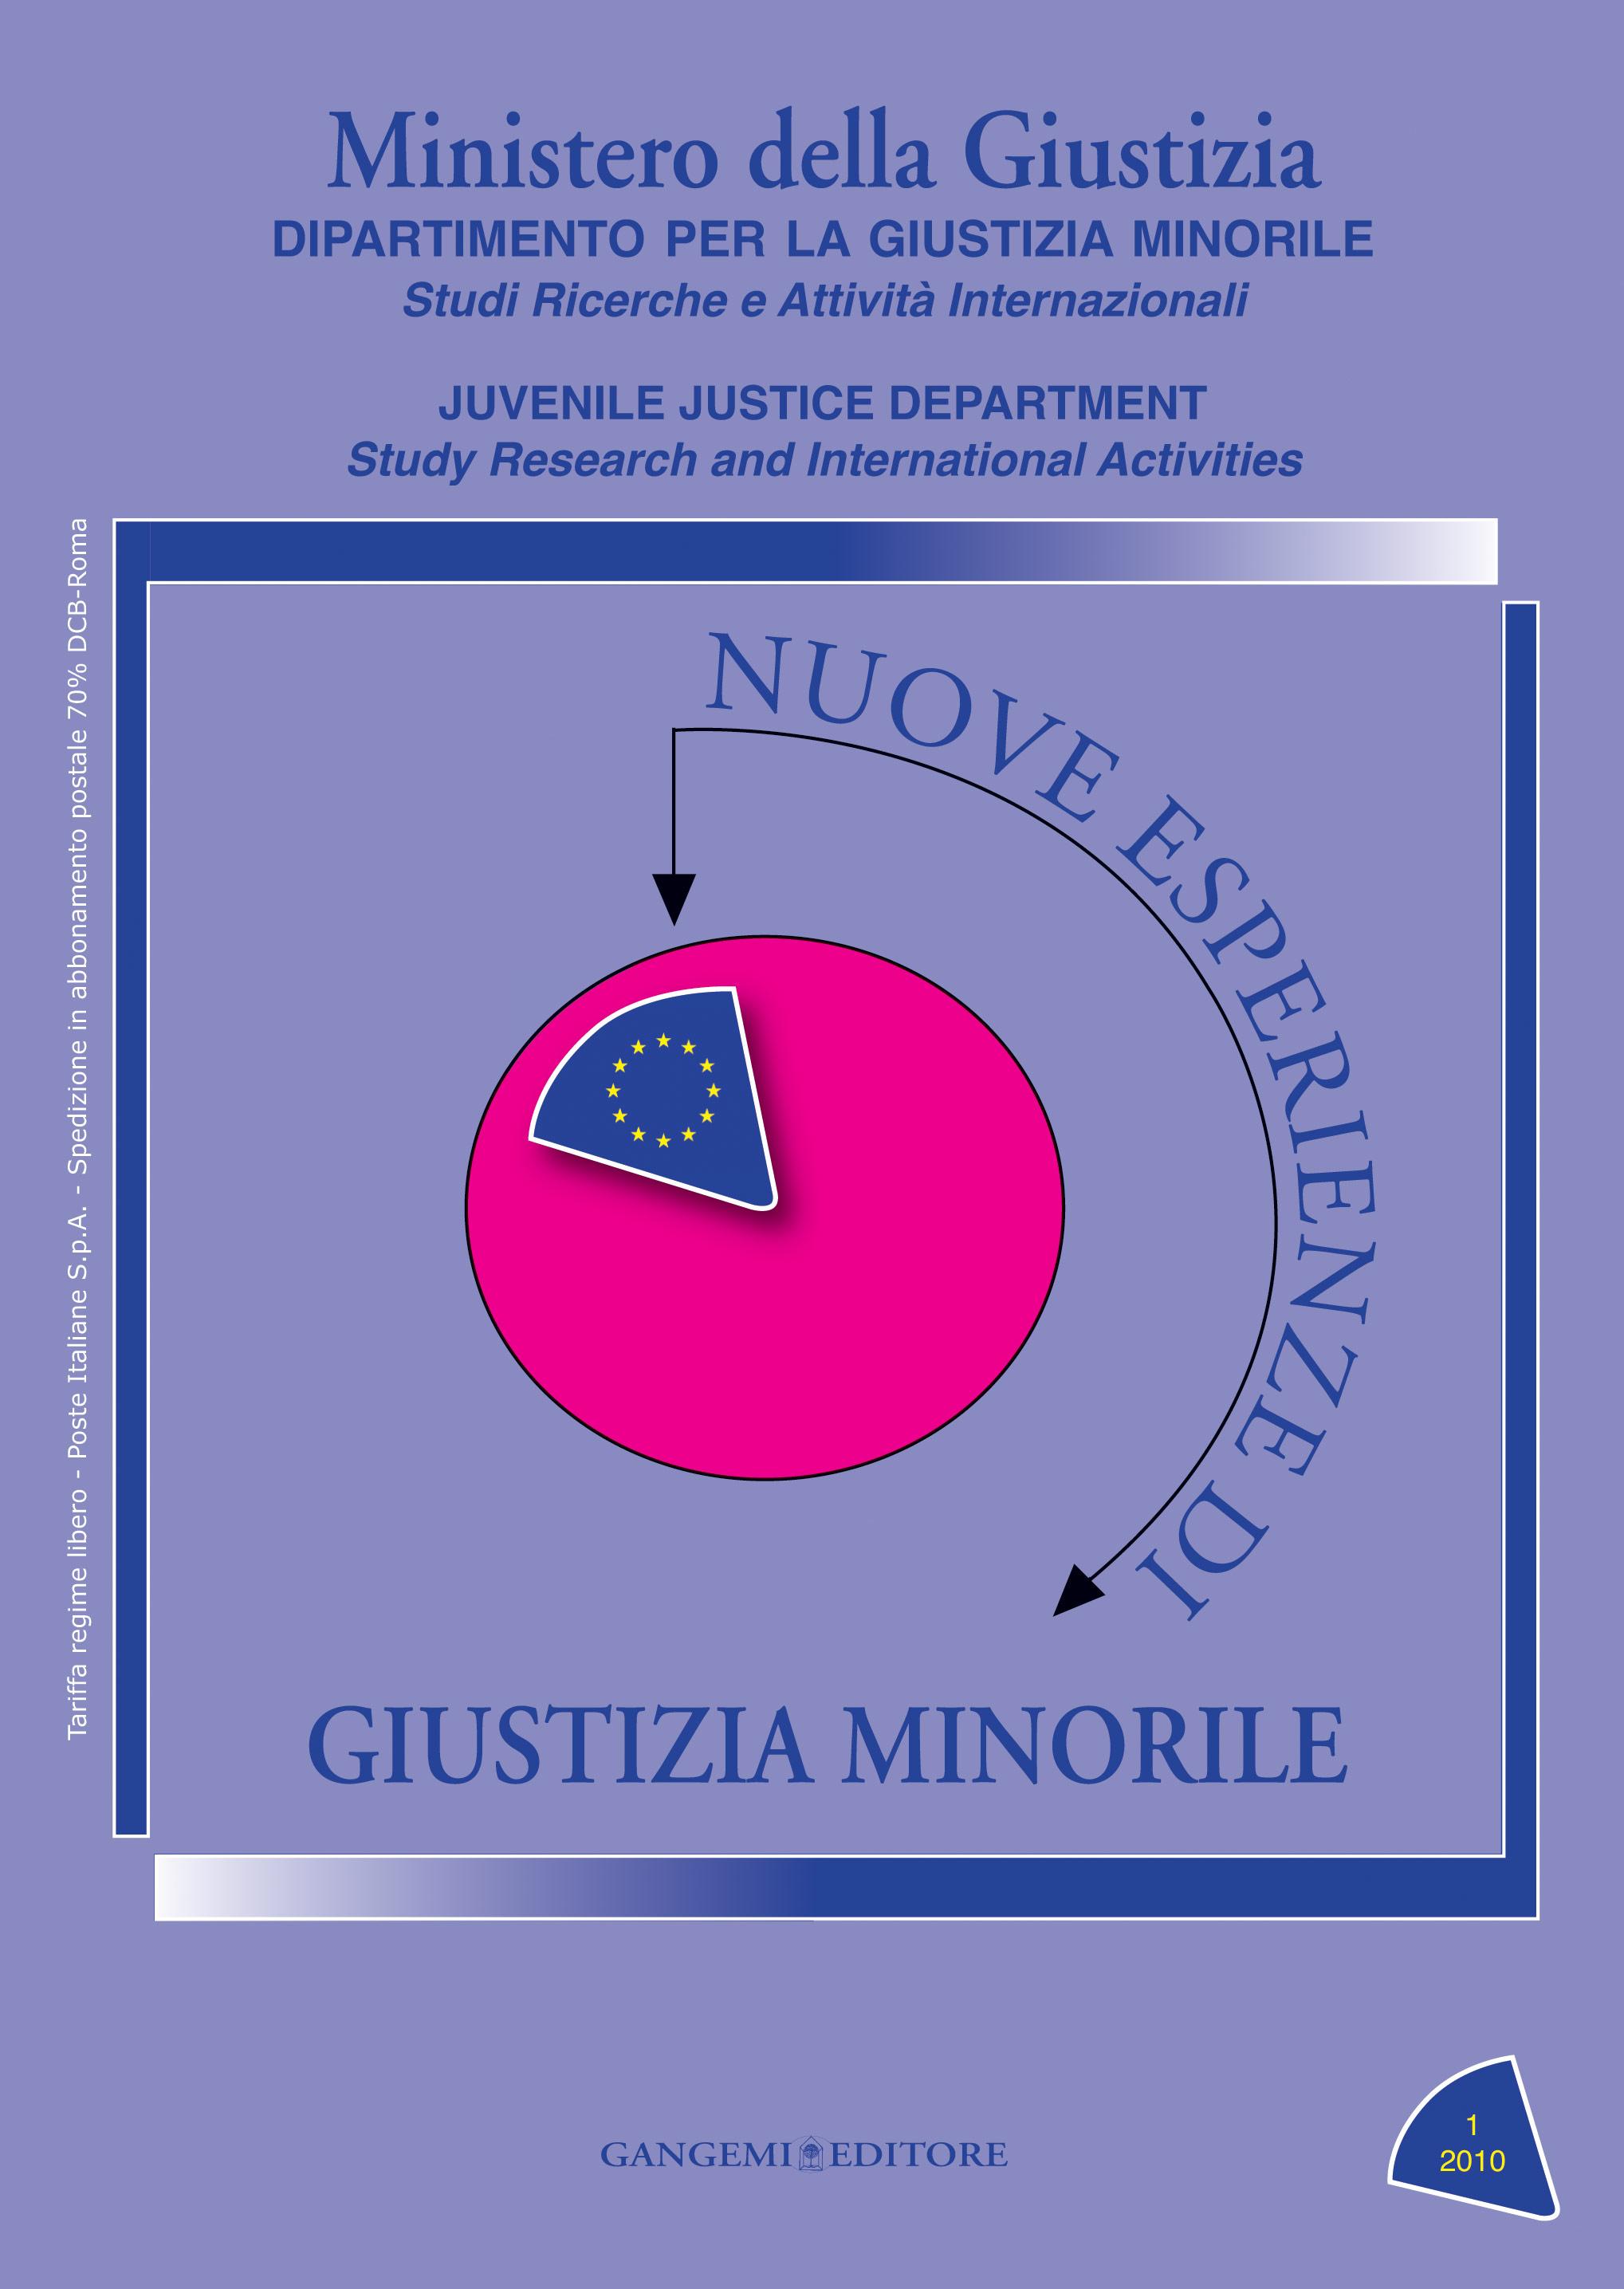 2058_GIUSTIZIA-1